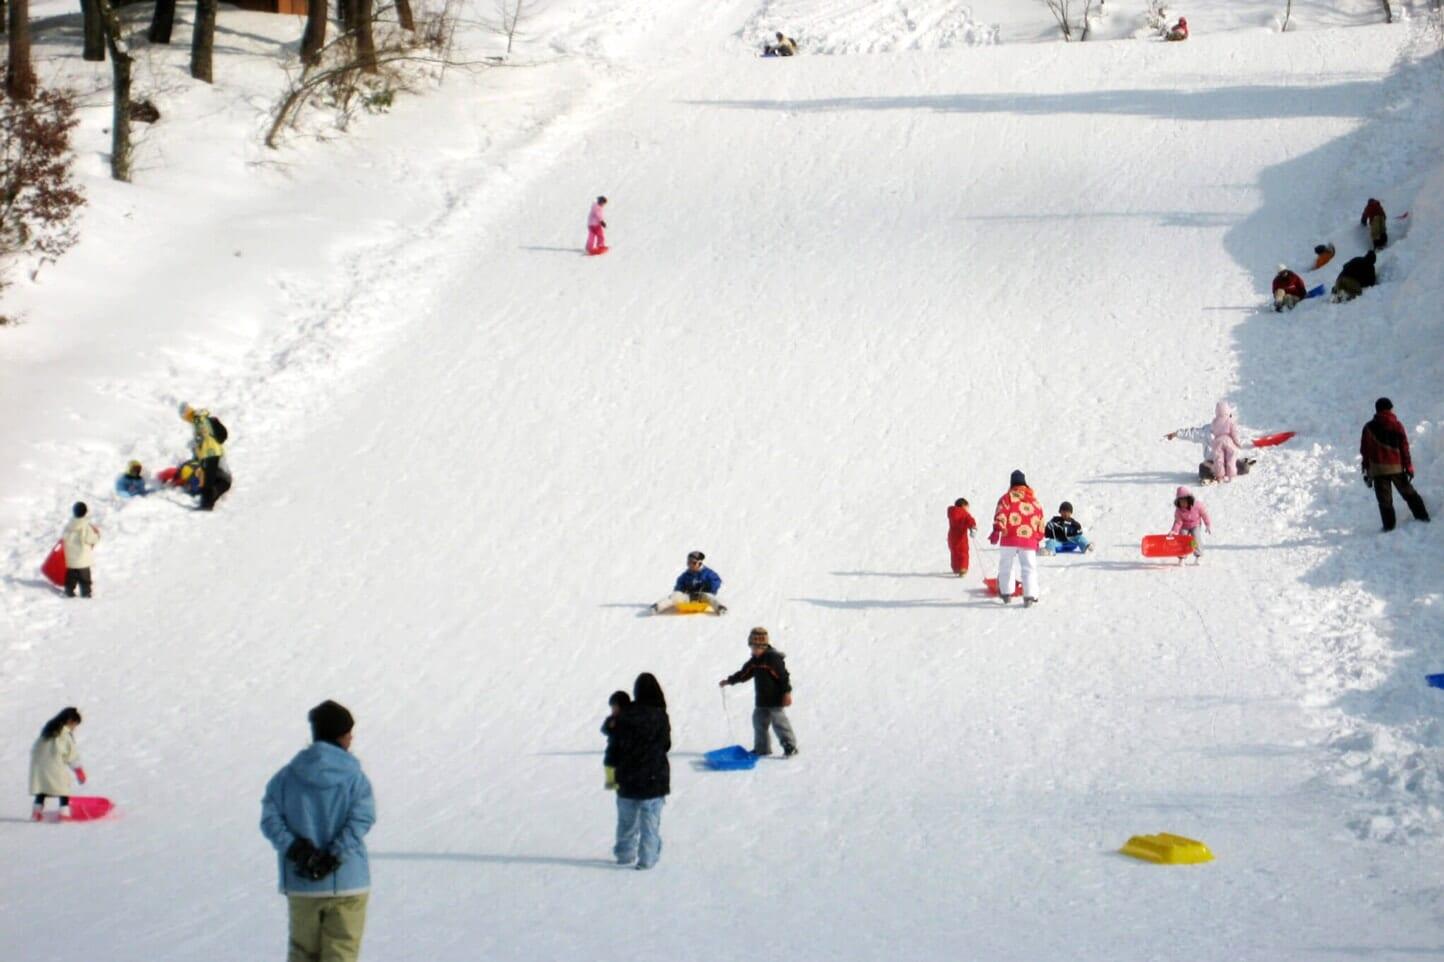 母袋キャンプ・スキー場 スライダー画像4